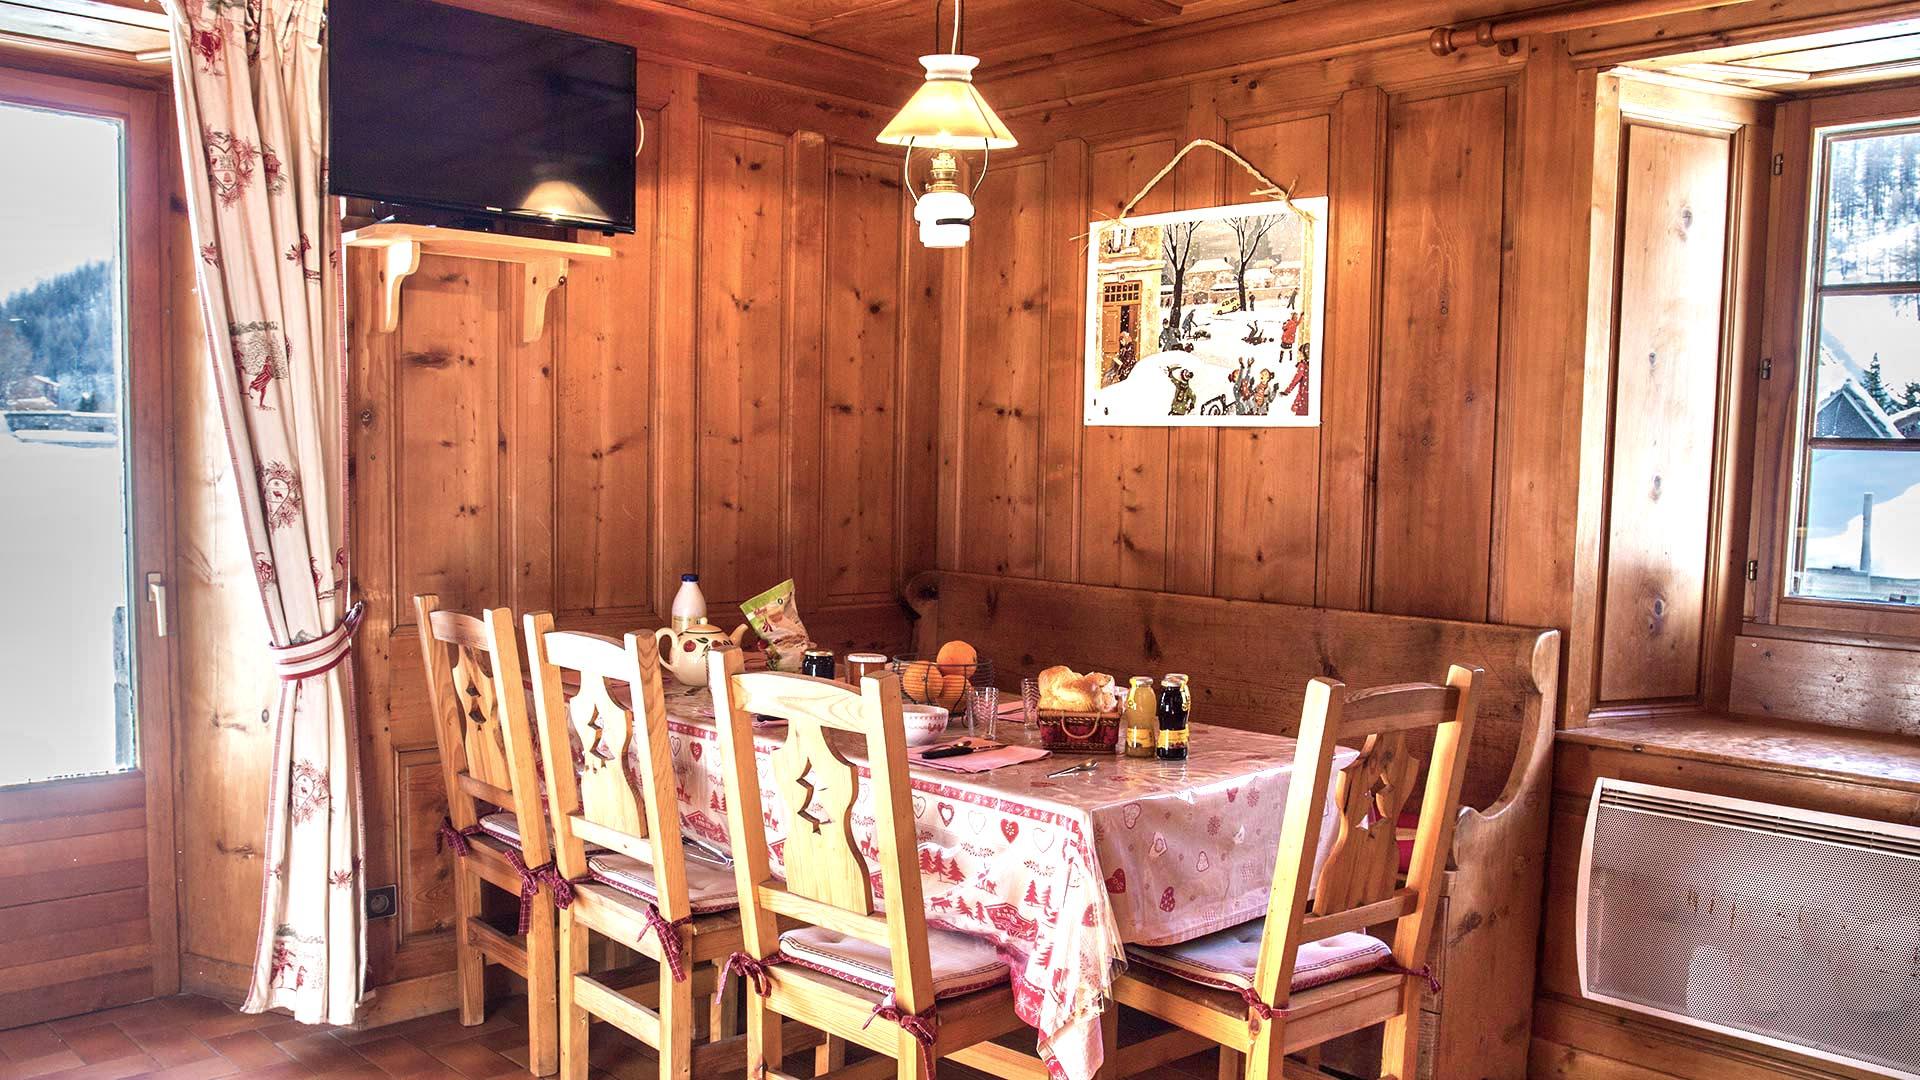 chavonnes-salle-a-manger